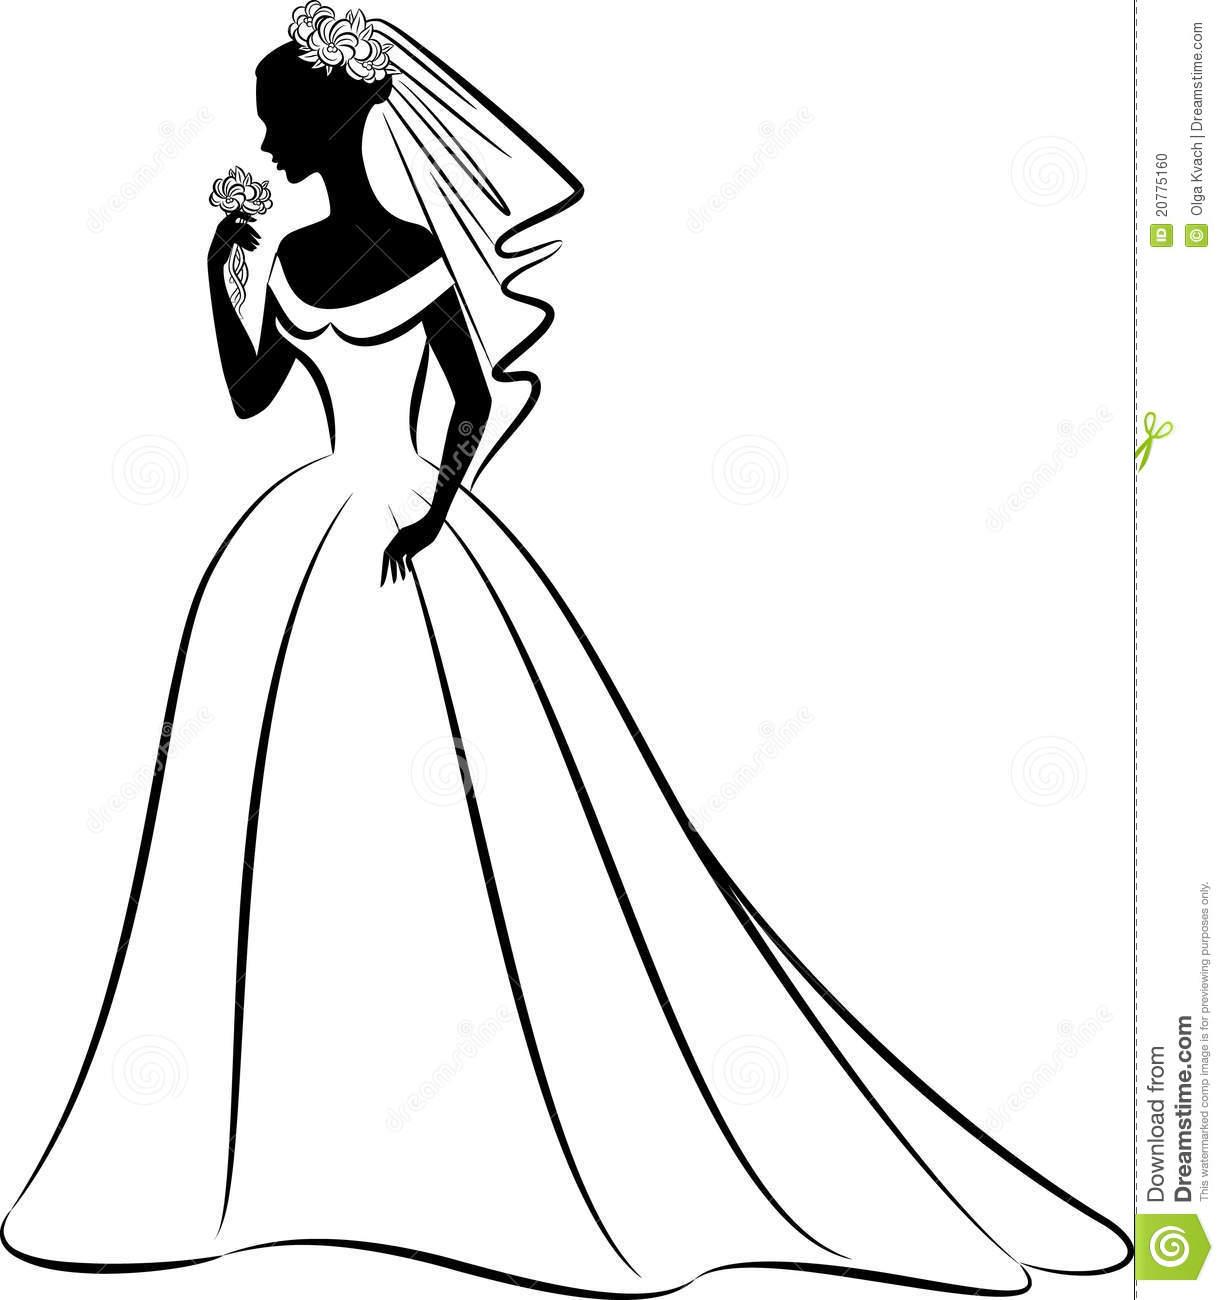 Wedding Dress clipart Download Dress Wedding Clipart Dress